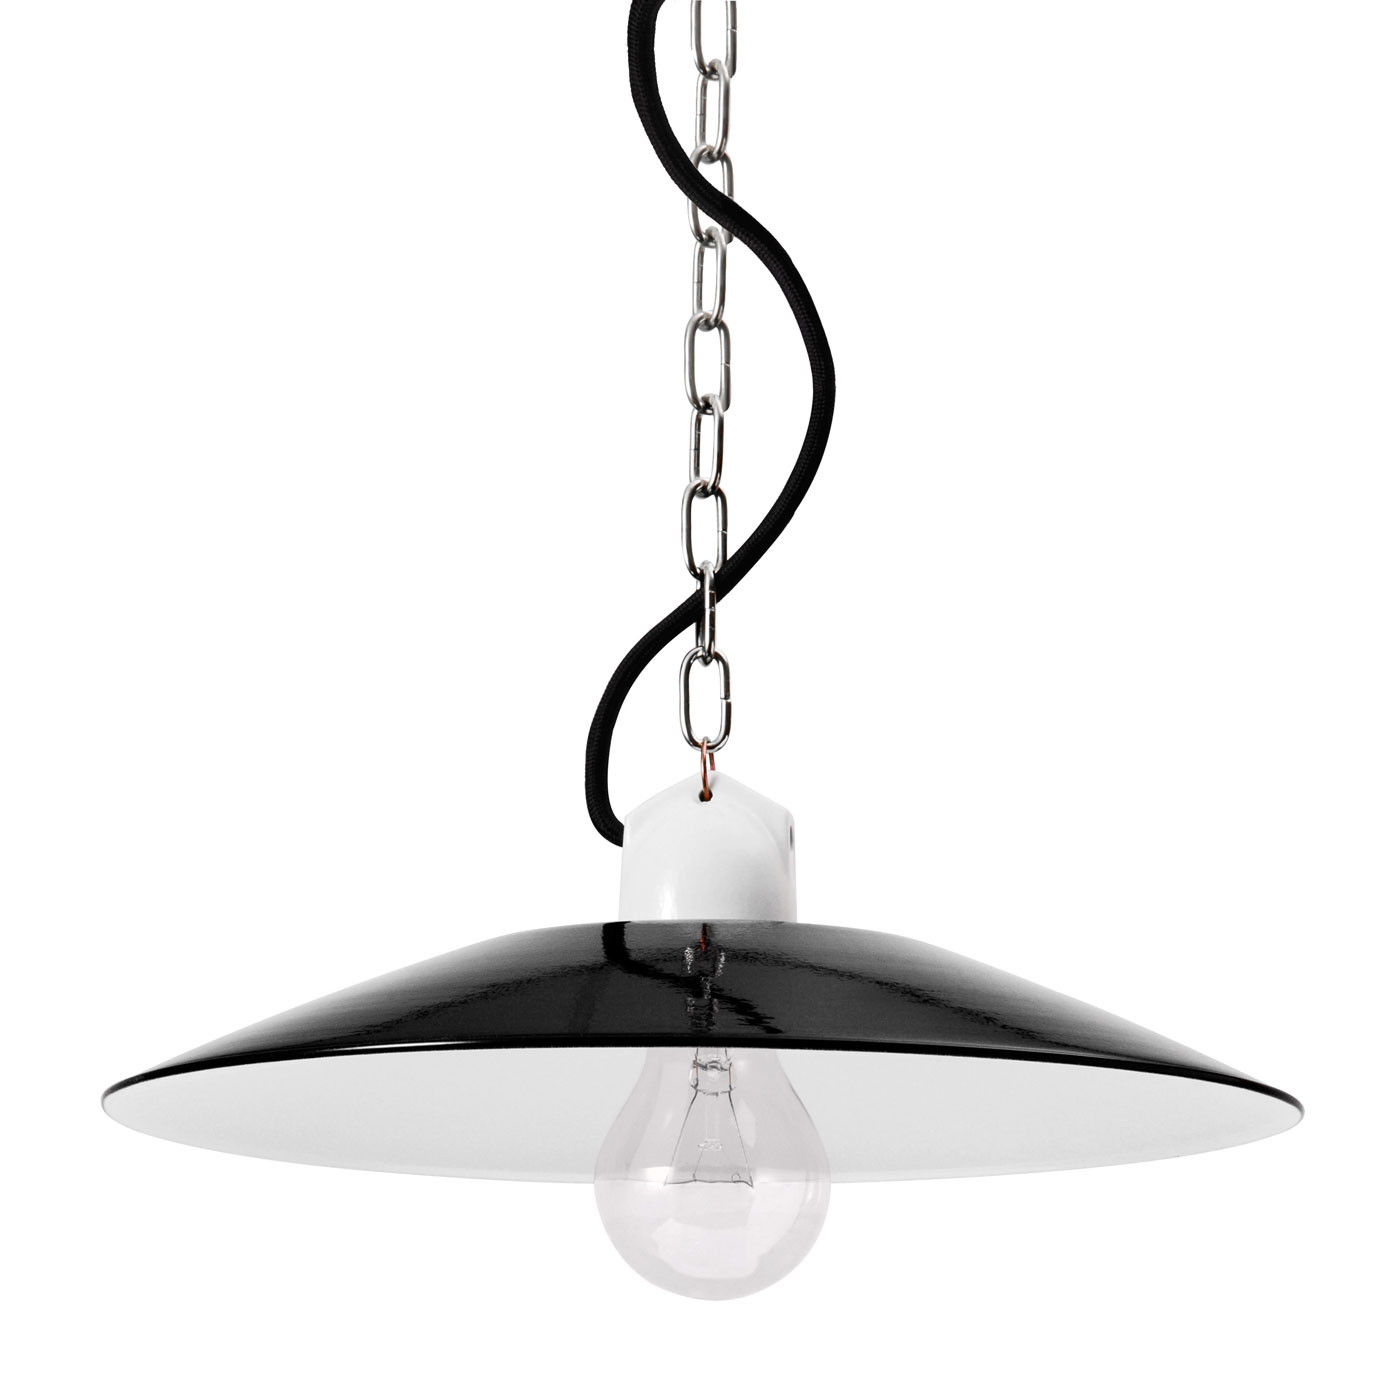 Bolich Bonn Pendelleuchte, 30 cm, Porzellanbügelfassung mit vernickelter Kette, Textilkabel schwarz